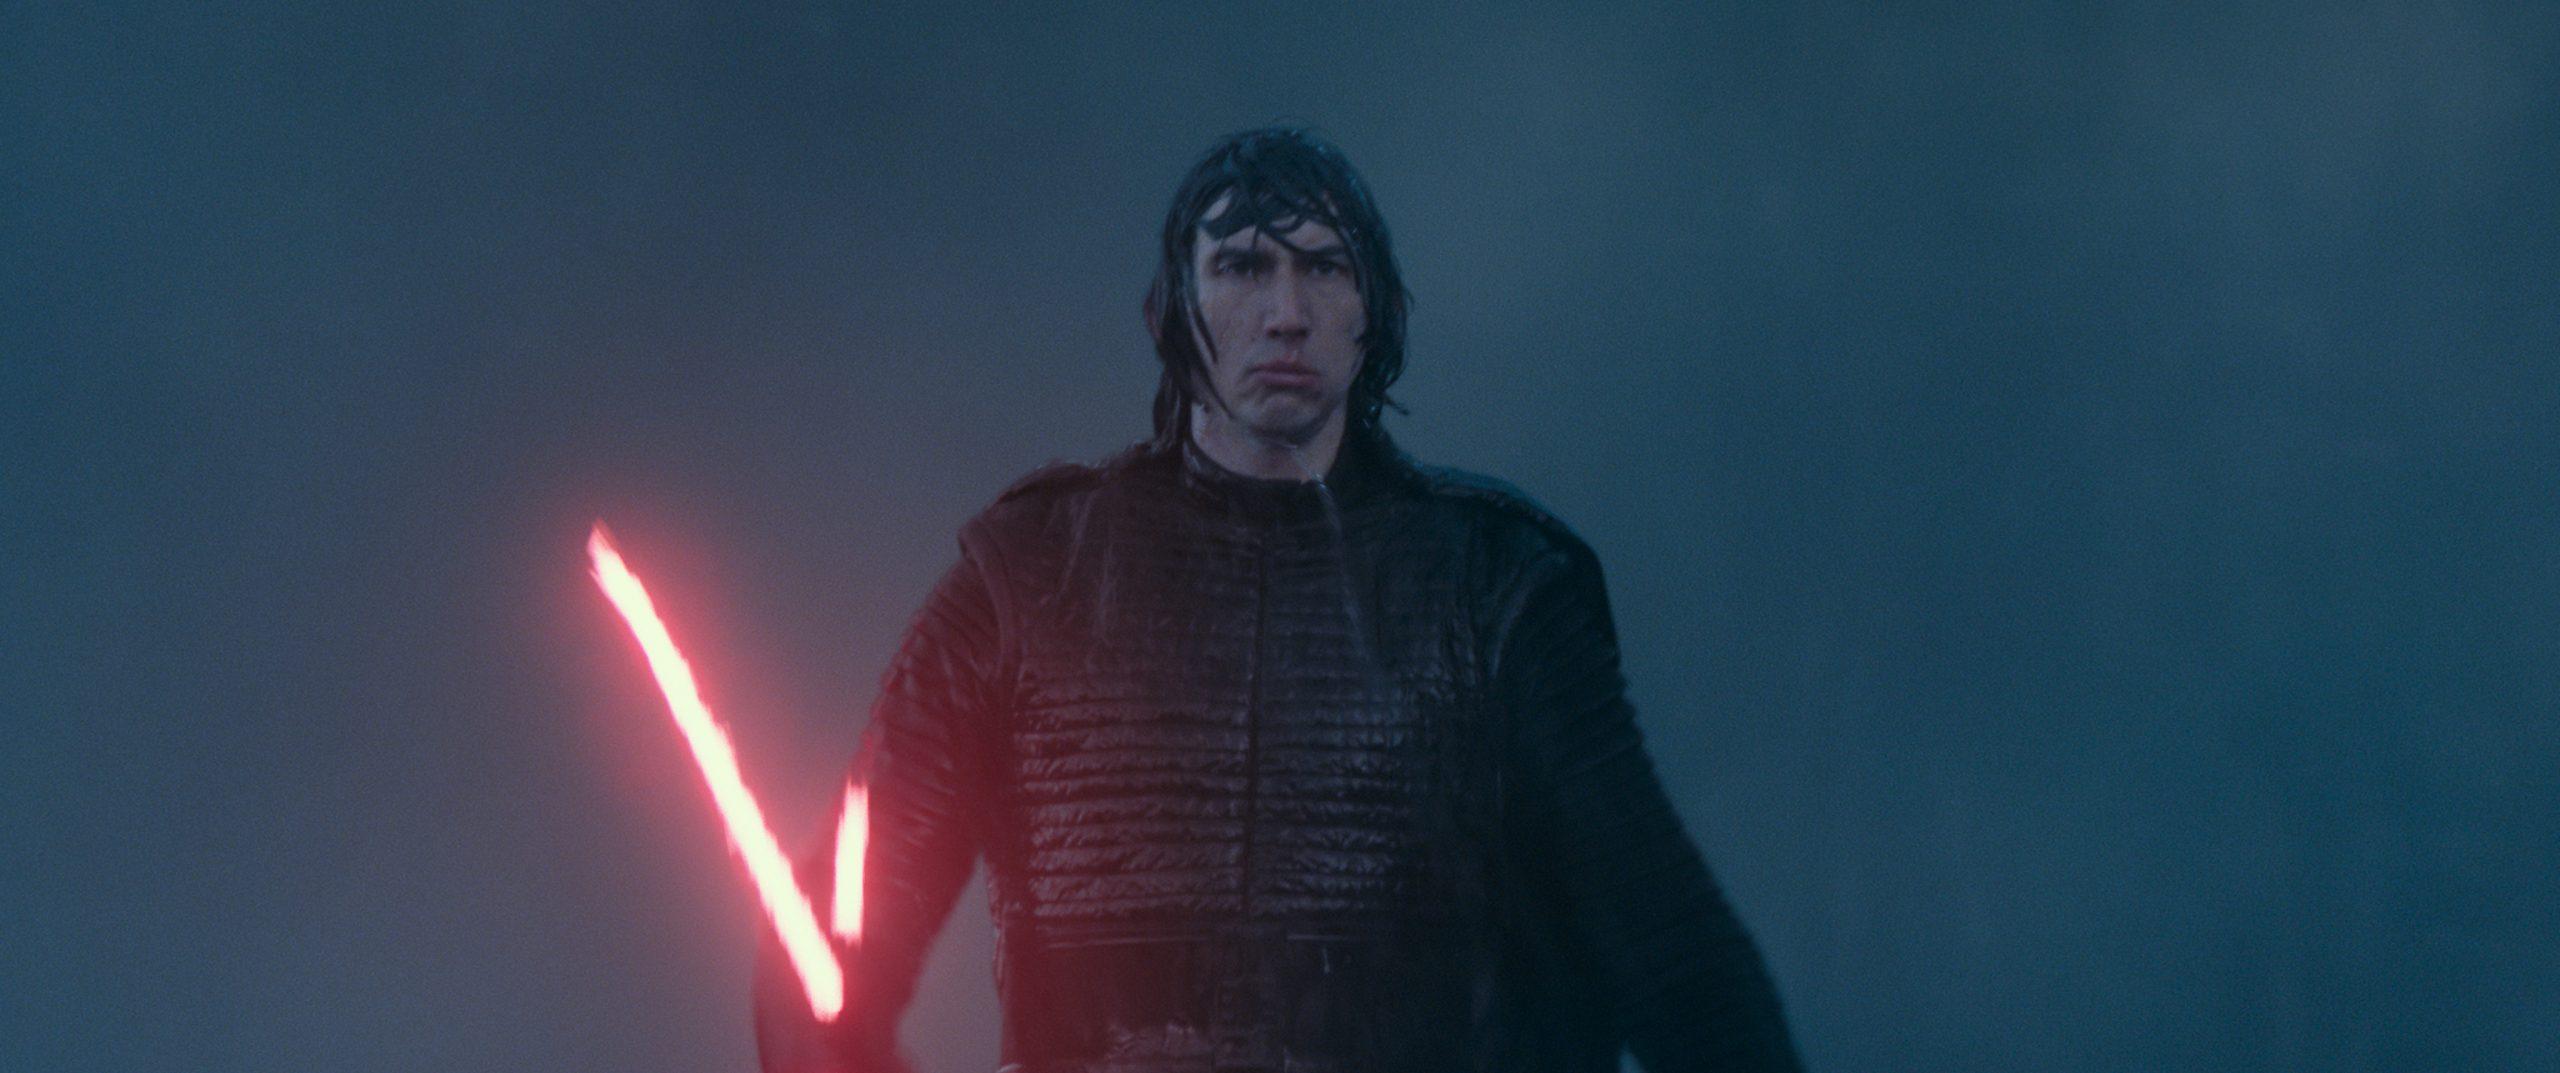 «Звёздные войны: Скайуокер. Восход» — для тех, кому не понравились «Последние джедаи» 4